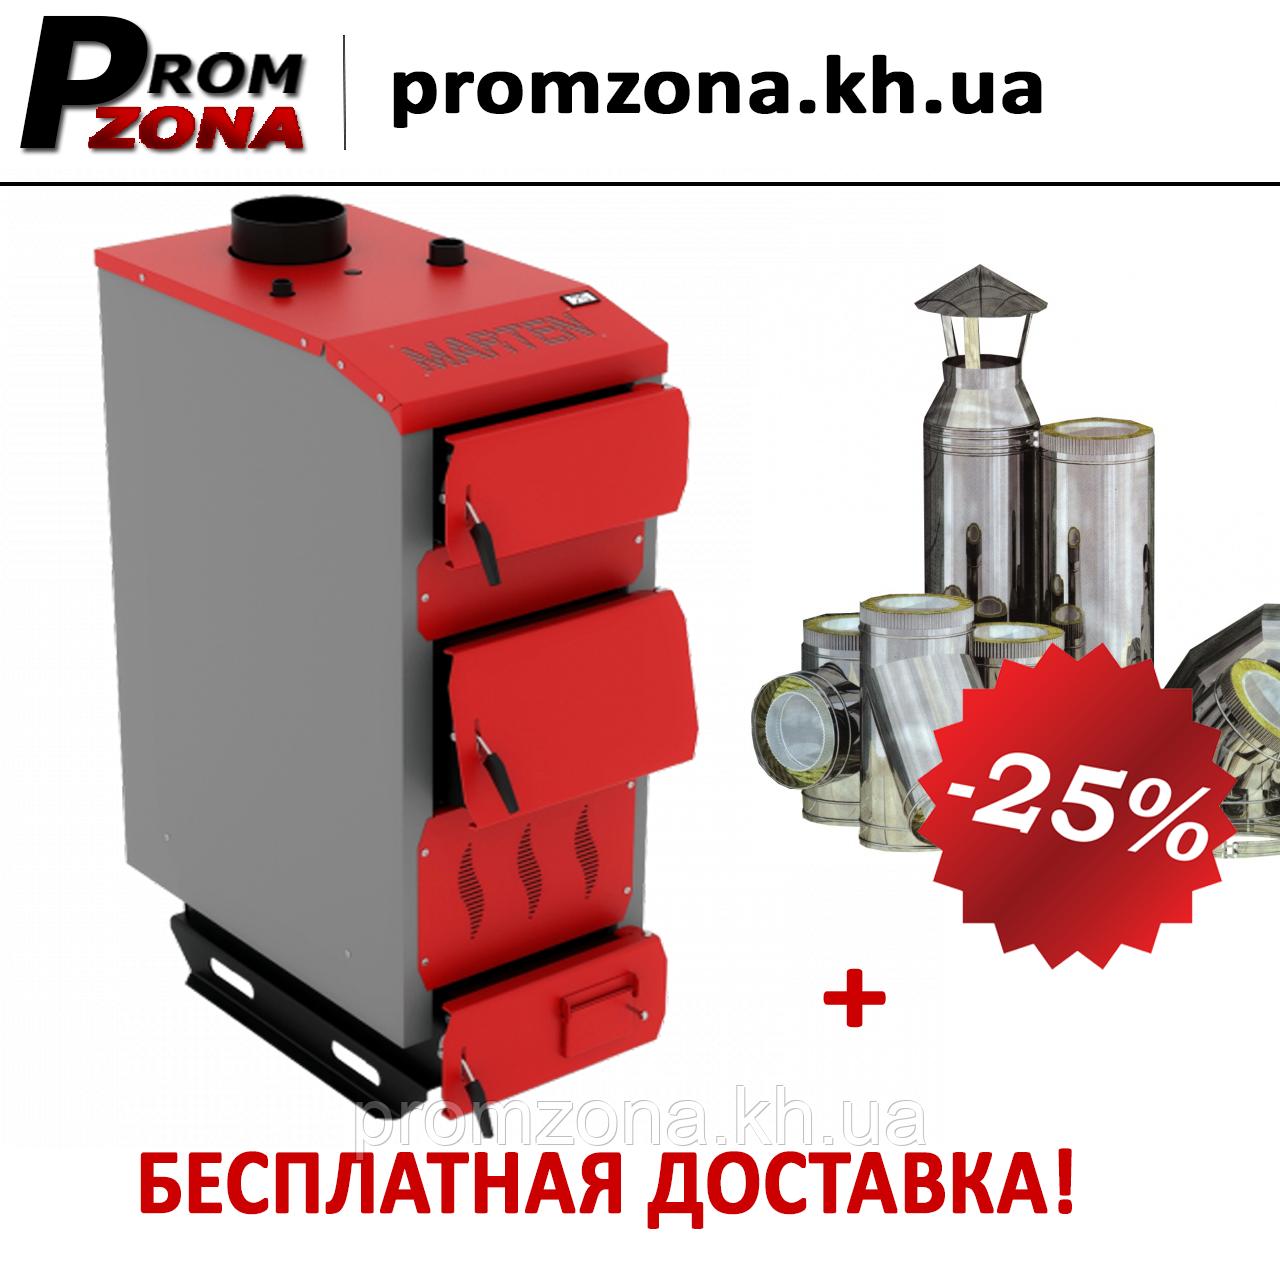 Твердотопливный котел Marten Praktik MP-30 30 кВт (4 мм сталь)